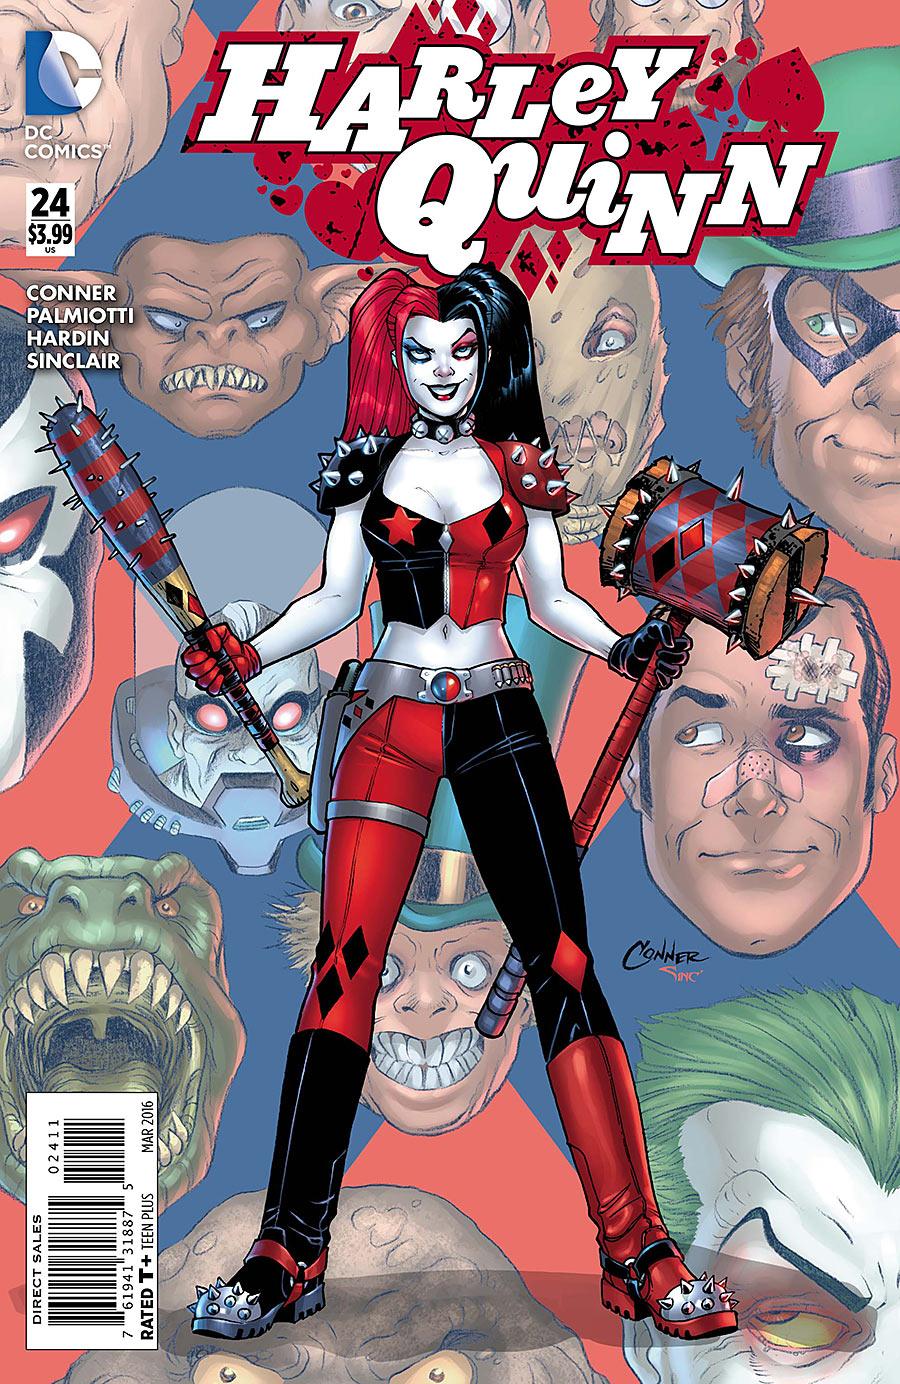 New 52 Harley Quinn And Joker Image - Harley Quinn V...